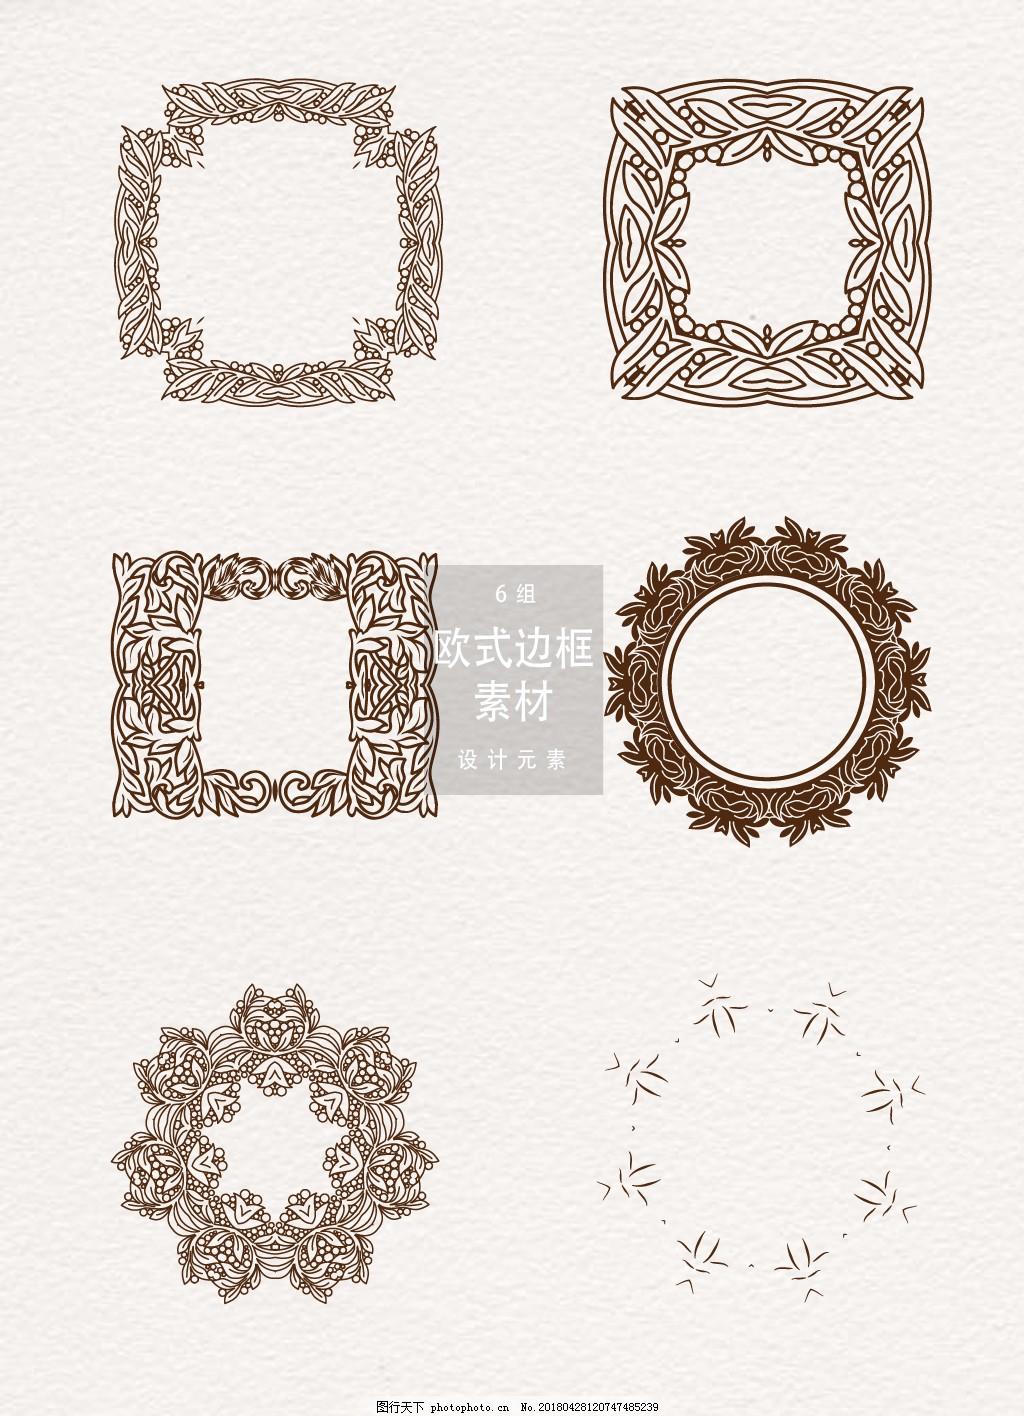 欧式边框素材花纹方形圆形ai矢量元素,设计,纹理